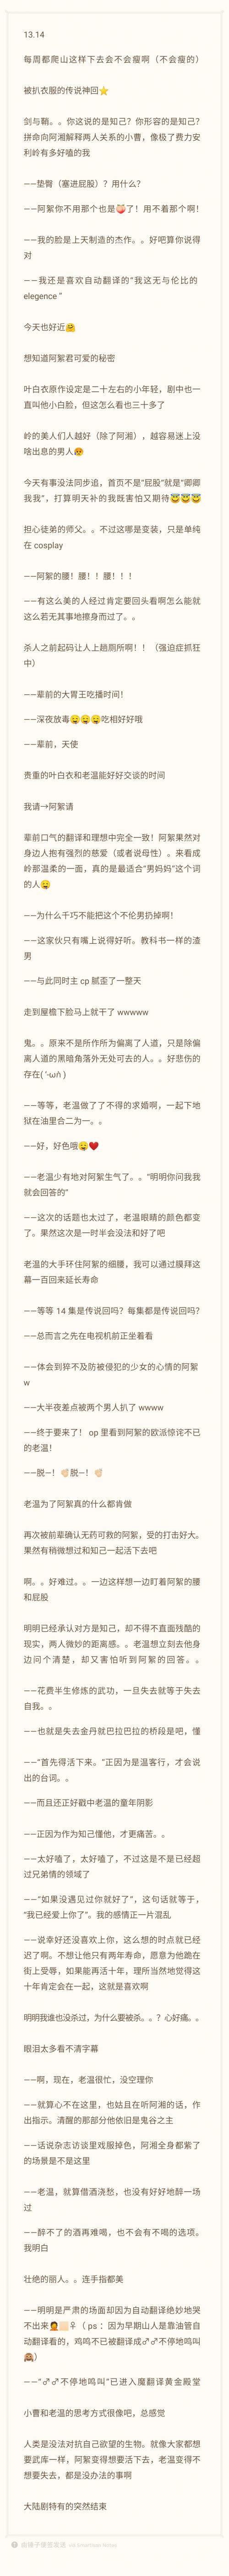 Notes_20211015_094308a91ce51e0584ade5.png